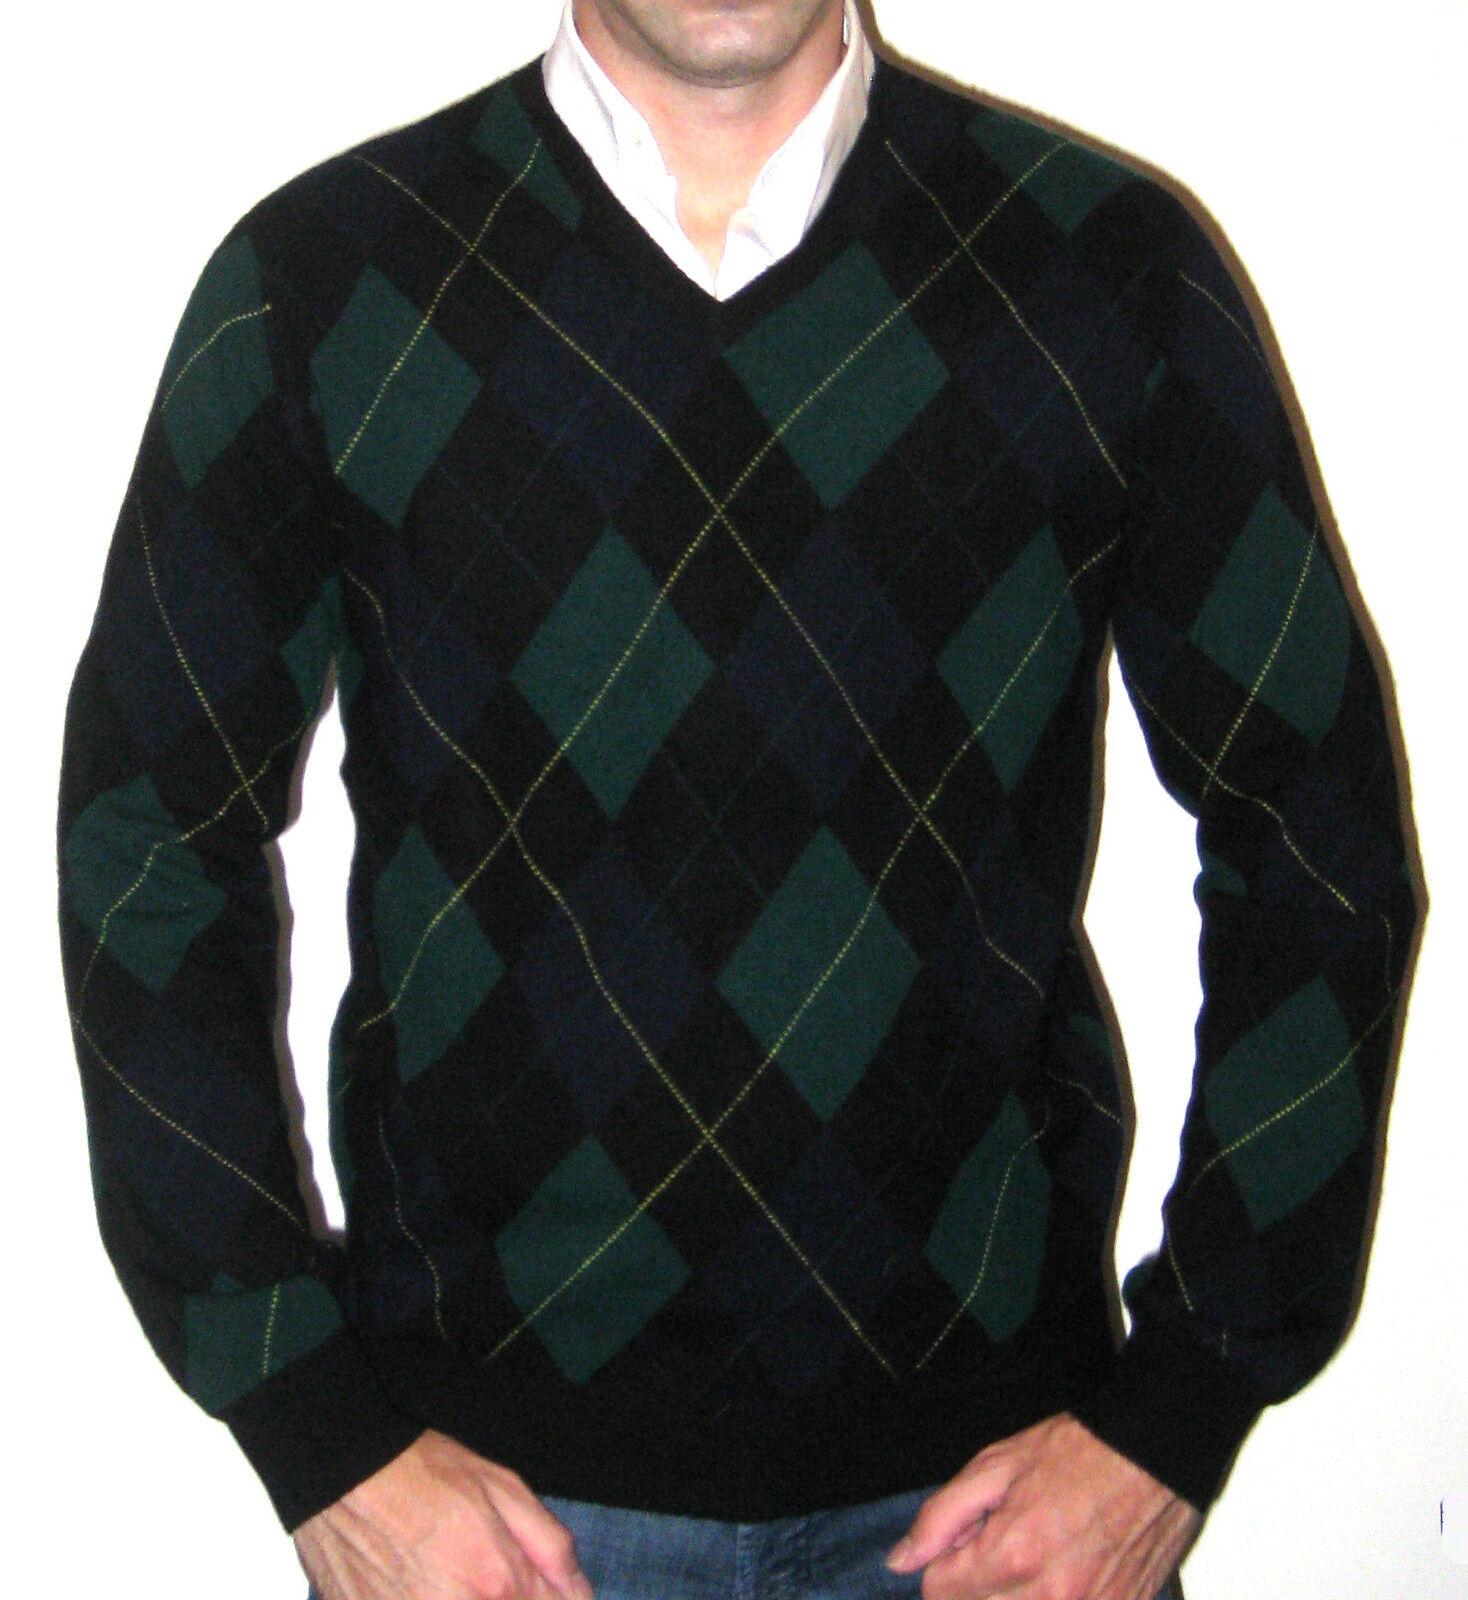 Ralph Lauren RLX Lambs Lambs RLX Lana Argyle Sweater  295 - Size Medium 513d13